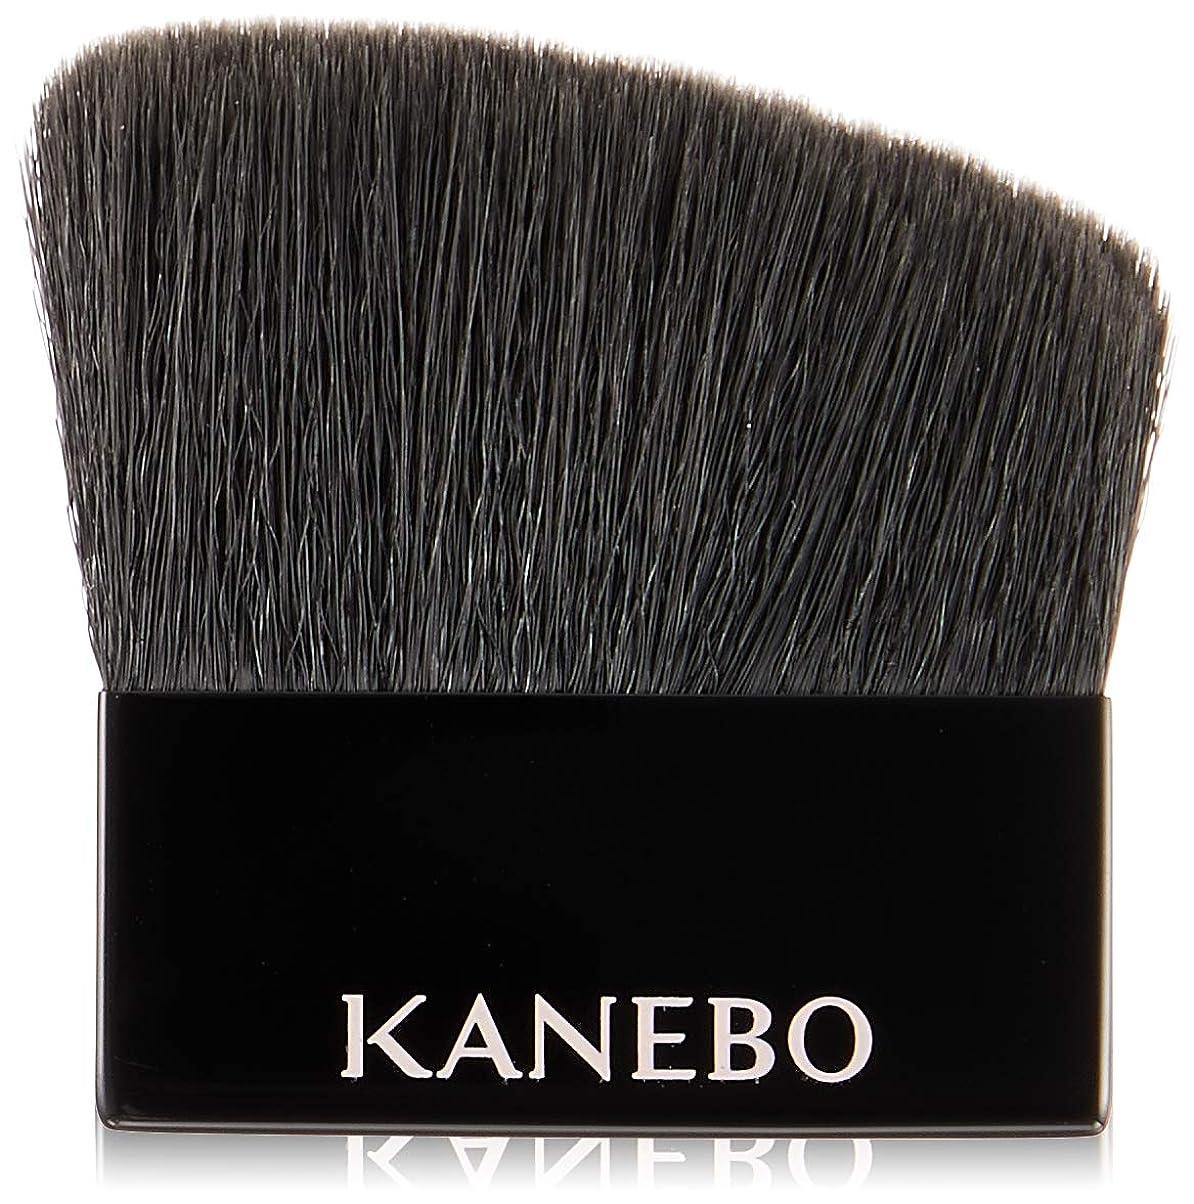 シート重要性トチの実の木KANEBO(カネボウ) カネボウ コンパクトブラシ